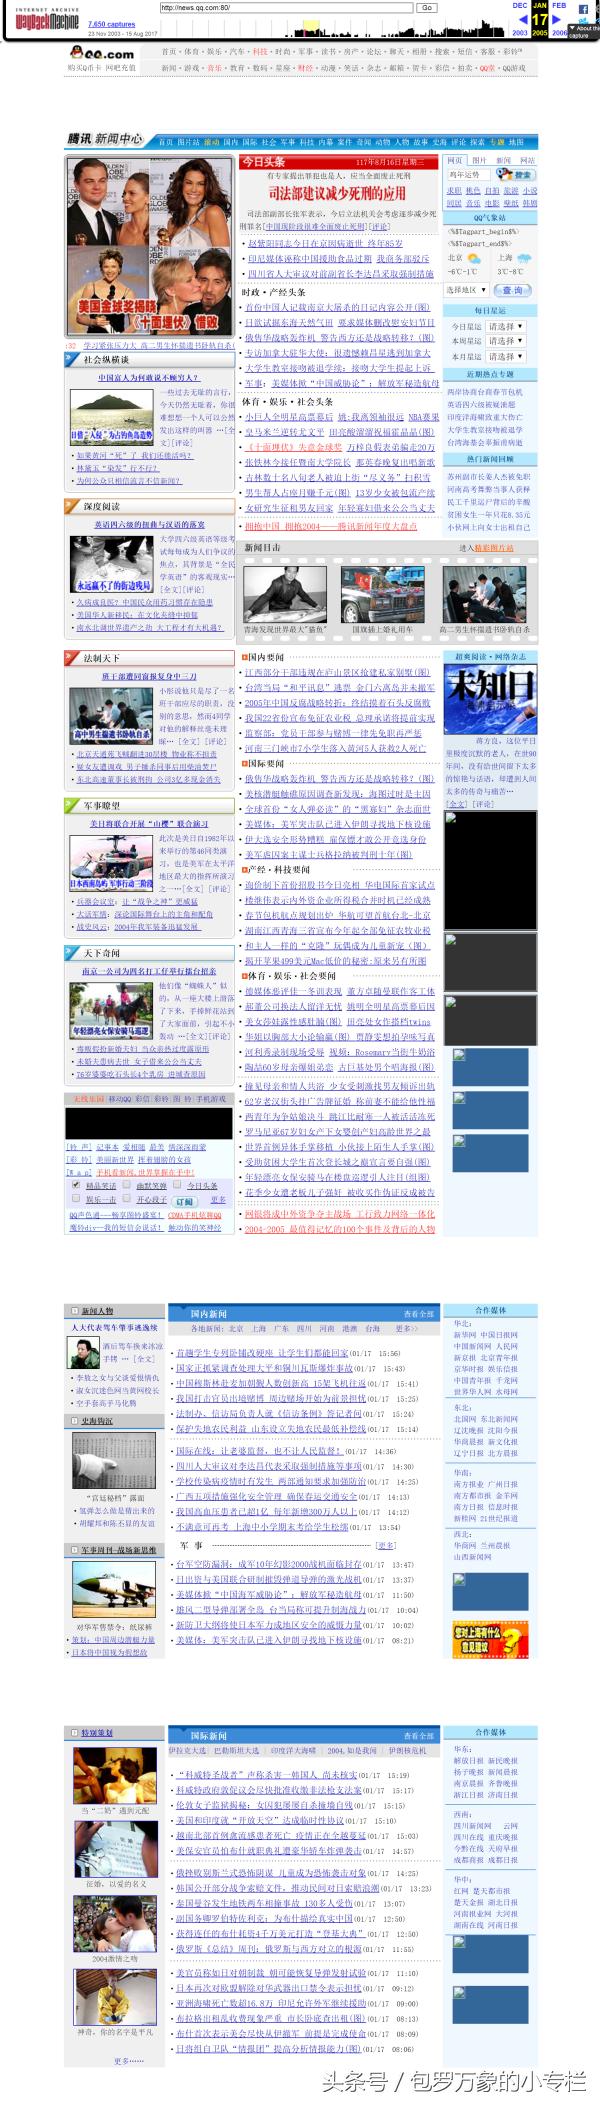 两个网页时光机,看网站历史快照的网站